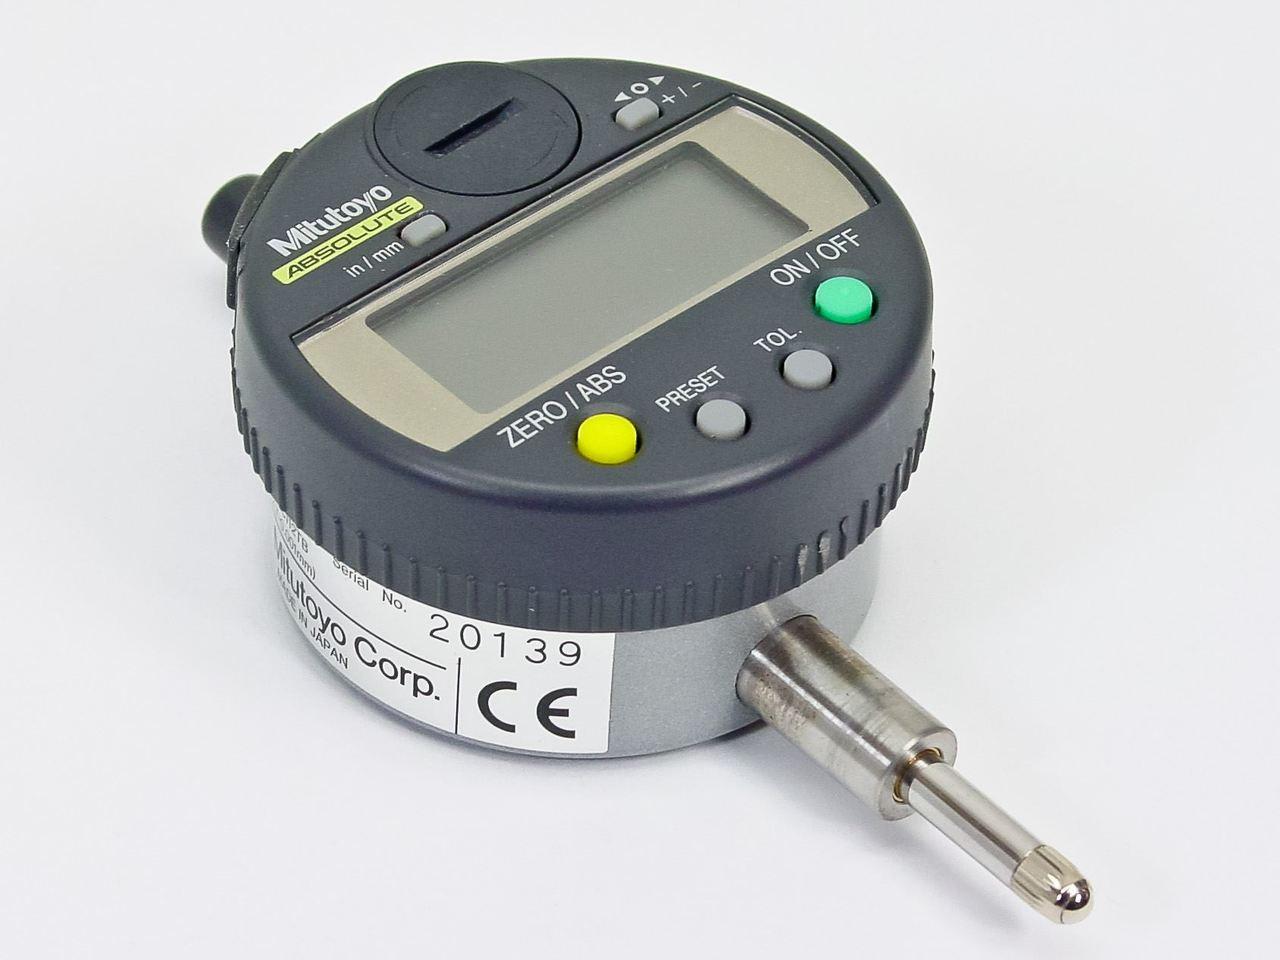 mitutoyo digimatic indicator 543 manual